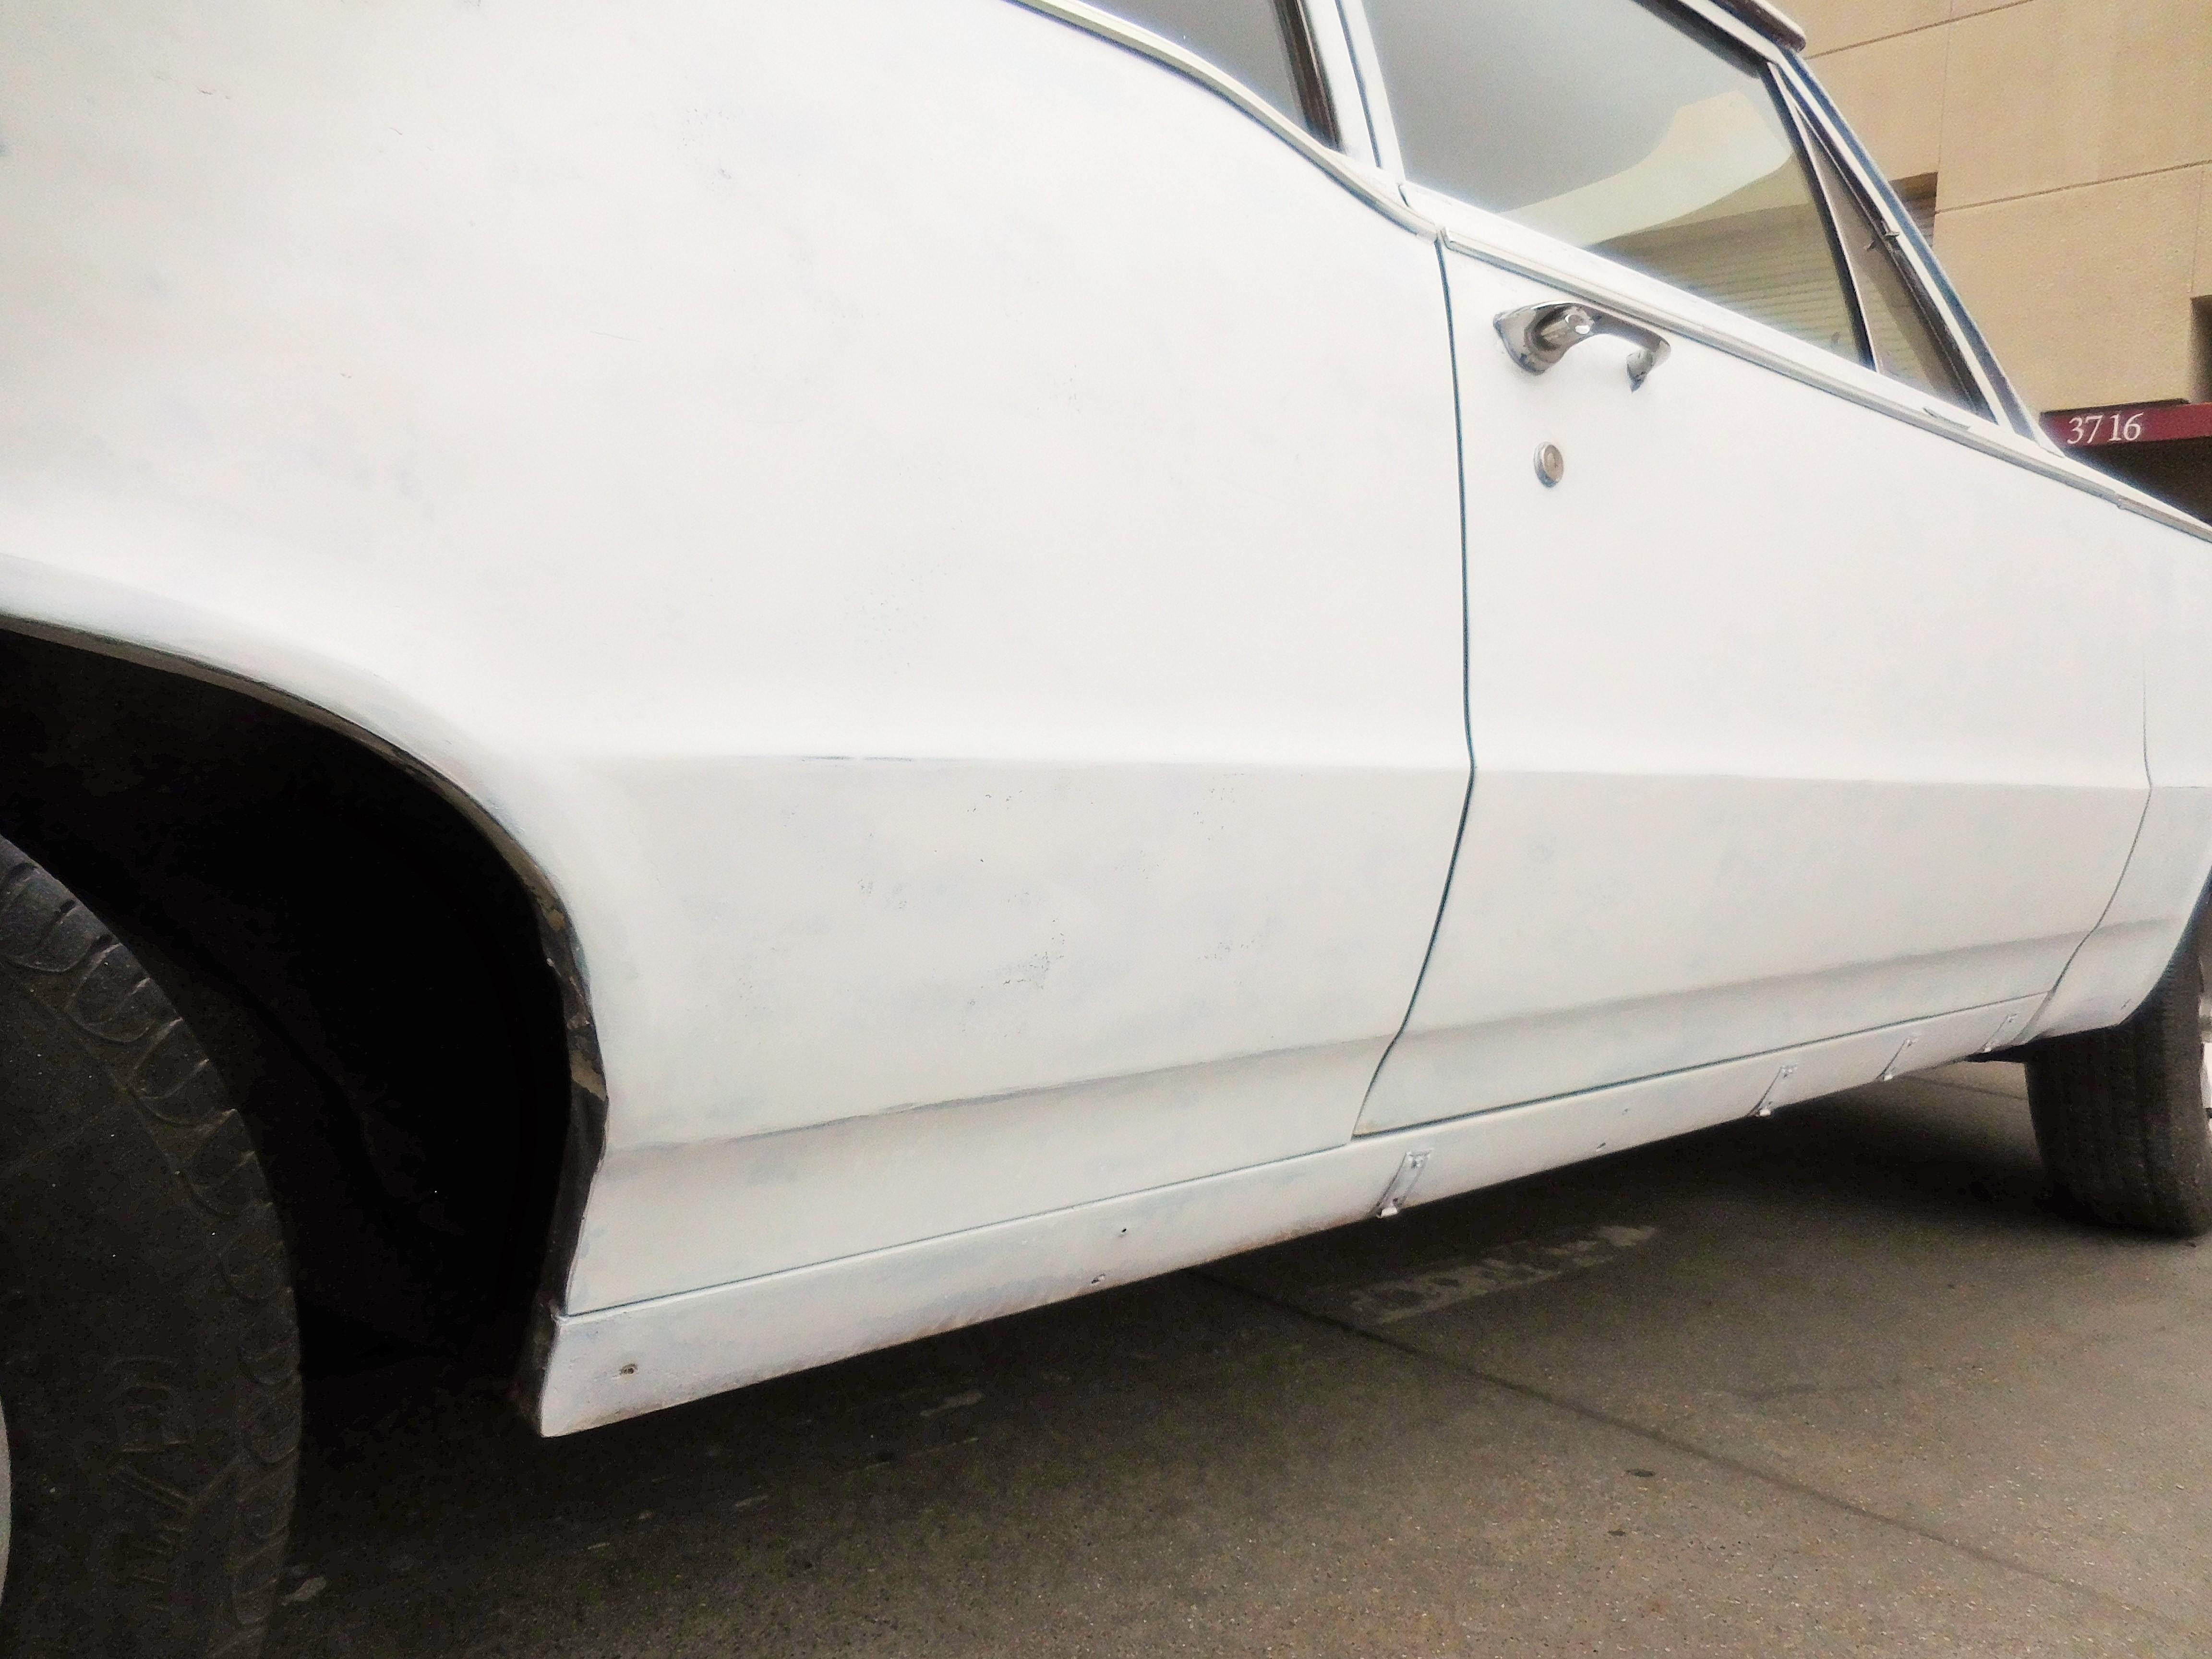 1966, Pontiac, GTO, LeMans, Tempest, Trunk Lid,